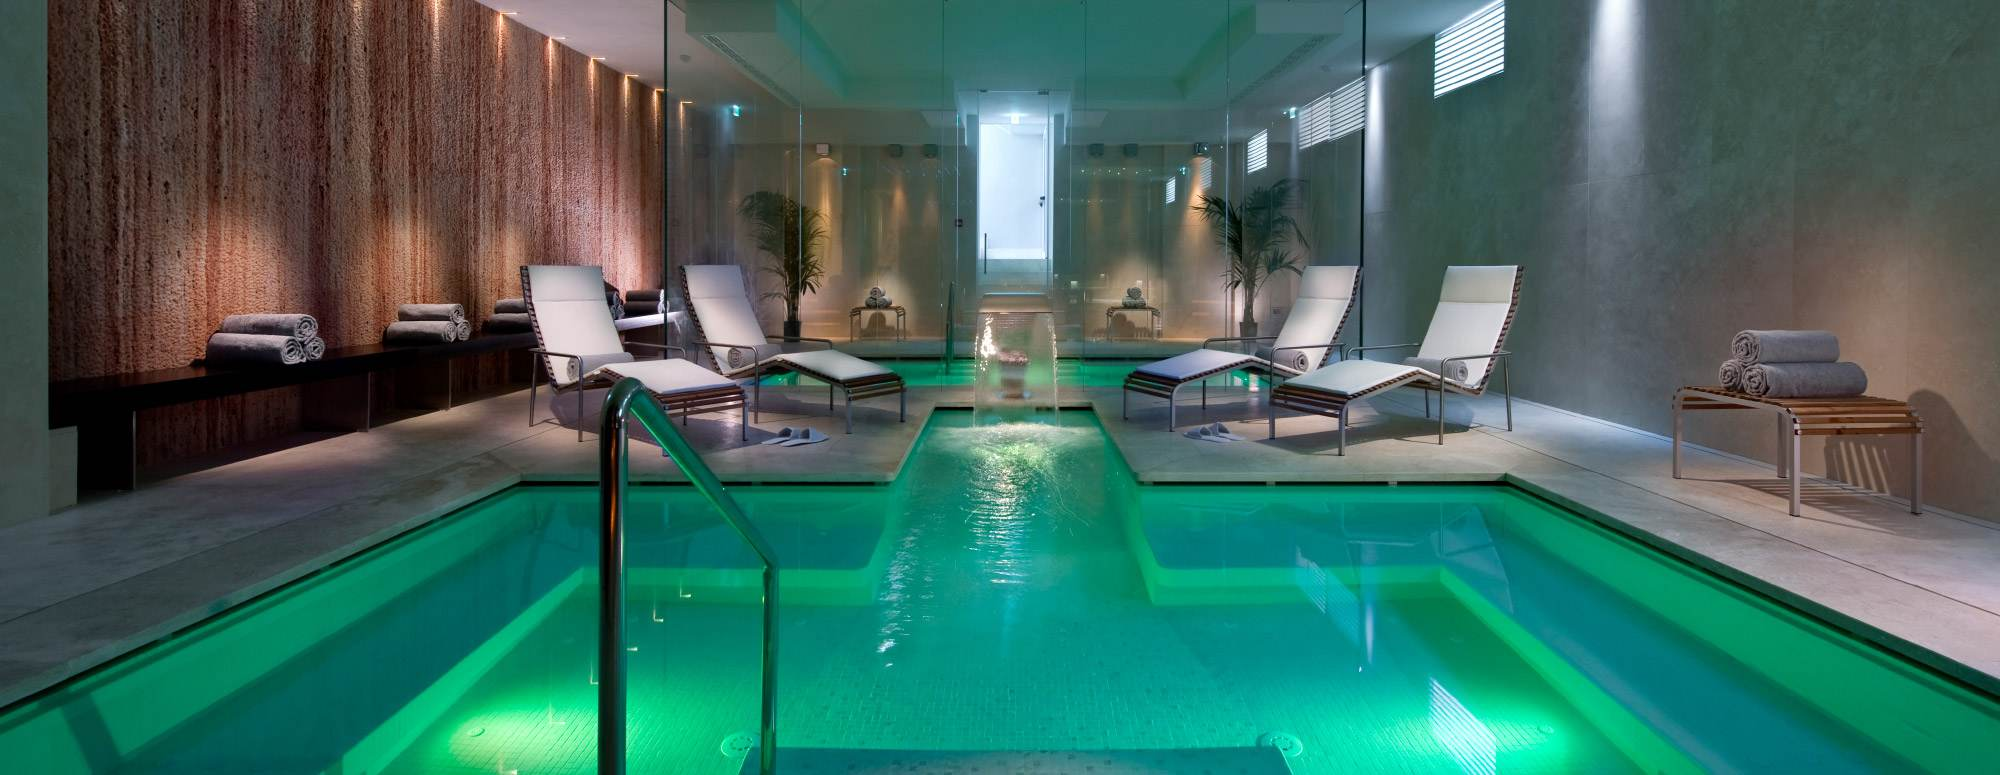 Hotel riccione 5 stelle centro benessere spa massaggi for Luxury hotel 5 stelle